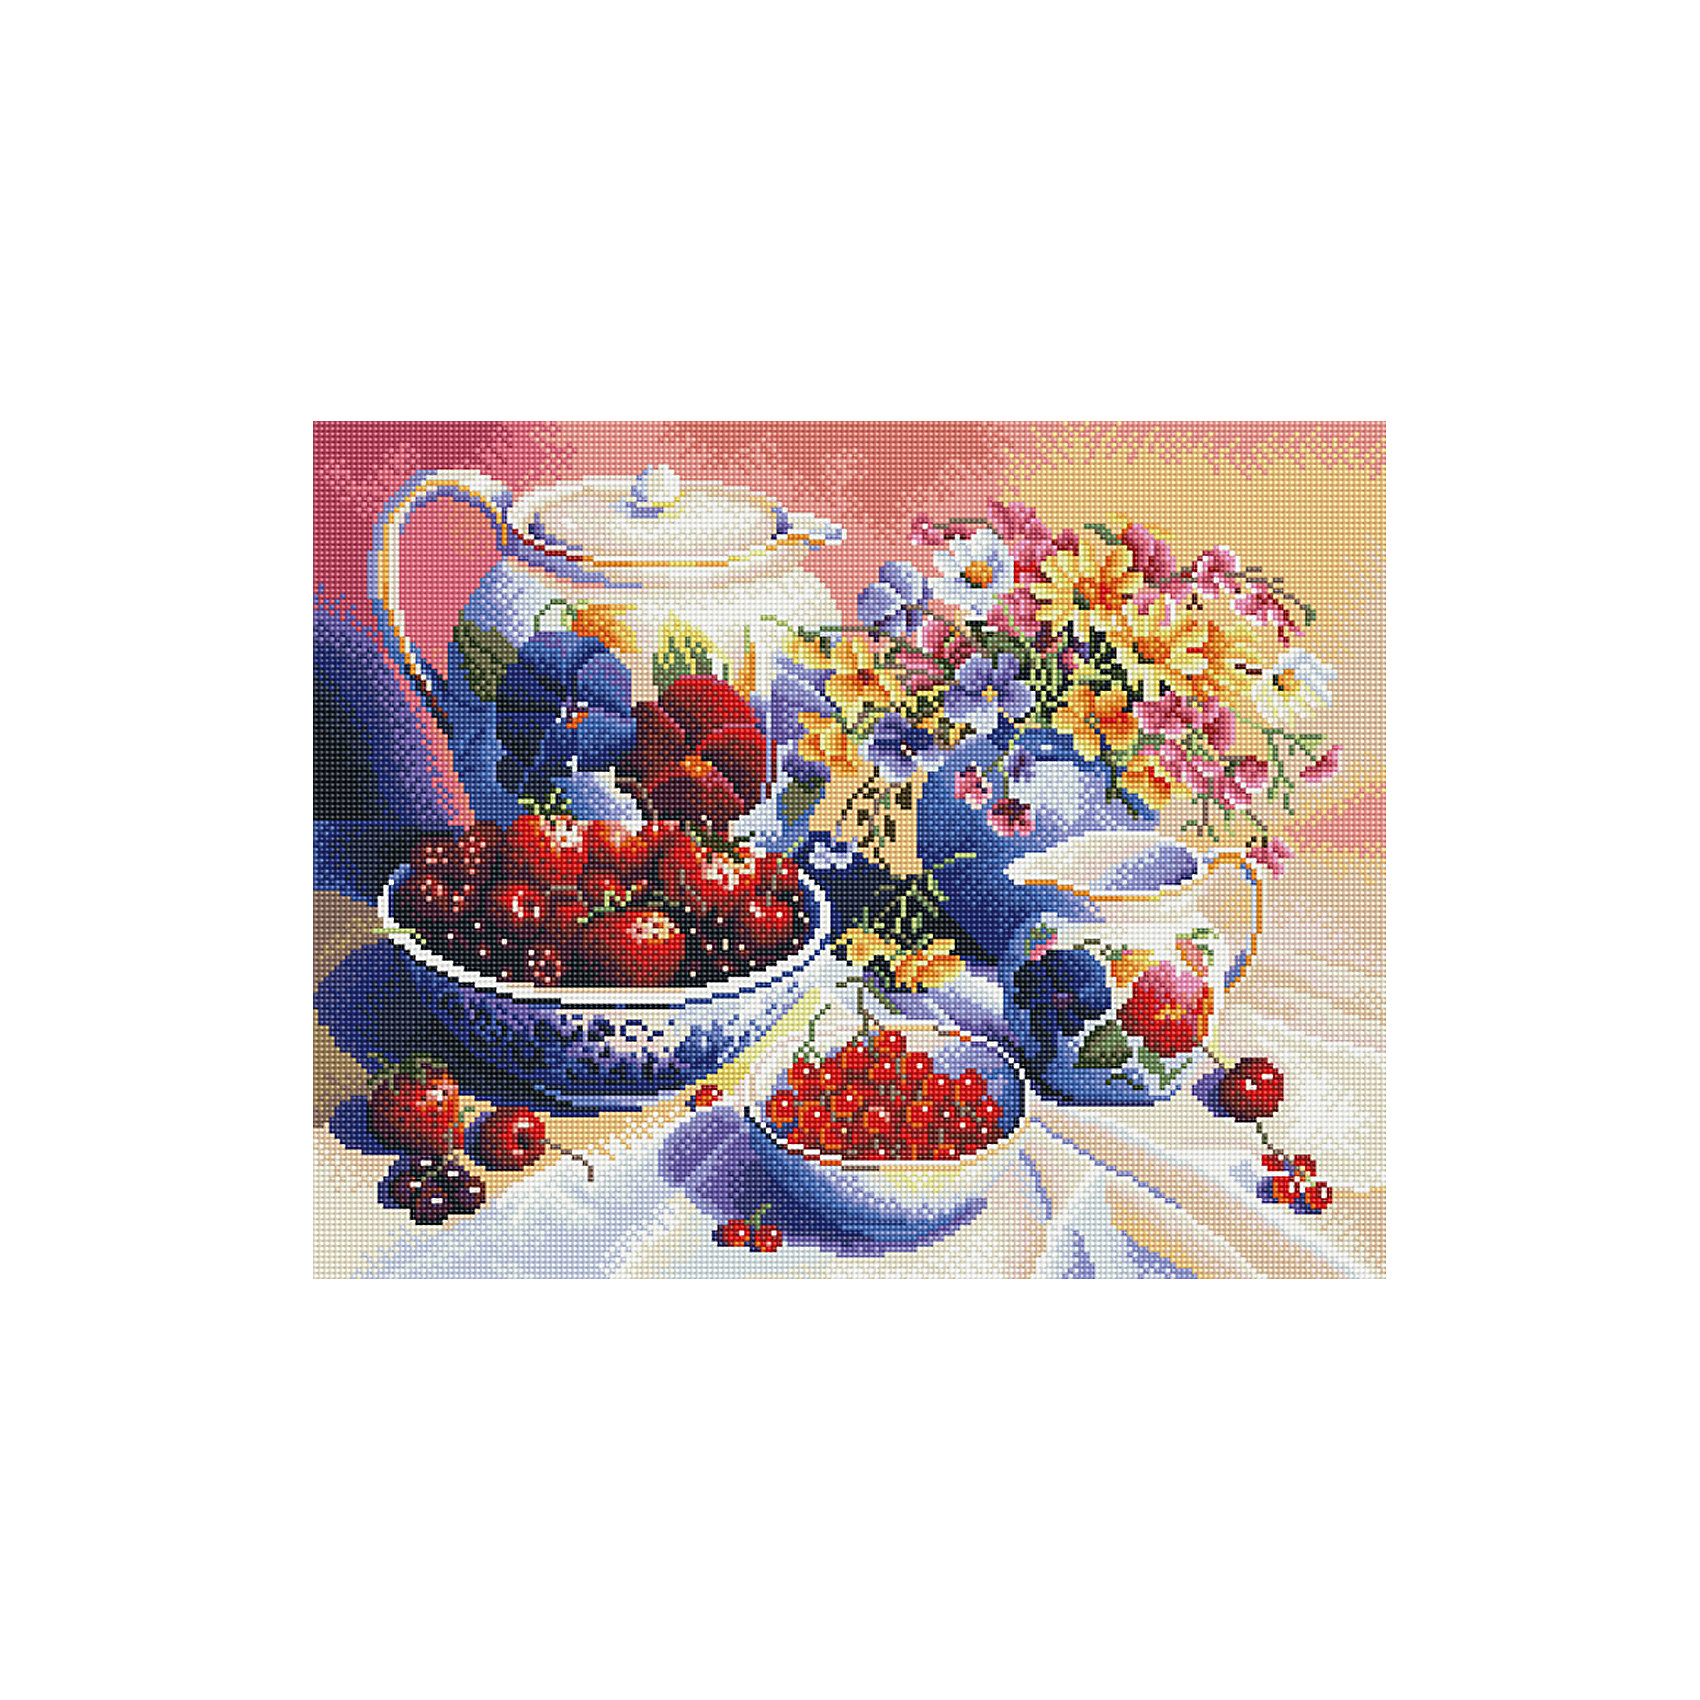 Алмазная мозаика Натюрморт с ягодами 40*50 смМозаика<br>Характеристики товара:<br><br>• размер: 40x50 см<br>• размер упаковки: 42x52х5 см<br>• комплектация: холст 40х50 см, комплект искусственных камней, пинцет, пластмассовый лоток для камней, пластмассовый карандаш для камней, клей<br>• материал: акрил, текстиль, пластик<br>• не требует специальных навыков<br>• для творчества<br>• страна бренда: Российская Федерация<br>• страна производства: Китай<br><br>Алмазная мозаика в настоящий момент очень популярна, и это не удивительно! С помощью подобных наборов можно создавать красивые переливающиеся картины, при этом совсем не обязательно иметь опыт рукоделия. В набор для создания алмазной мозаики входит основа, на которую нужно наклеить небольшие камни - поля пронумерованы, поэтому найти для них правильное место не составит труда. В итоге получается картина, которой можно украсить помещение или подарить кому-то!<br>Набор станет отличным подарком для взрослых и детей. Подобные занятия помогают ребенку развивать важные навыки и способности, они активизирует мышление, формируют усидчивость, логику, абстрактное мышление и воображение. Изделие производится из качественных и проверенных материалов, которые безопасны для детей.<br><br>Алмазную мозаику по номерам Натюрморт с ягодами 40*50 см с прозрачными стразами от бренда Tukzar можно купить в нашем интернет-магазине.<br><br>Ширина мм: 420<br>Глубина мм: 520<br>Высота мм: 50<br>Вес г: 900<br>Возраст от месяцев: 96<br>Возраст до месяцев: 2147483647<br>Пол: Женский<br>Возраст: Детский<br>SKU: 5217124